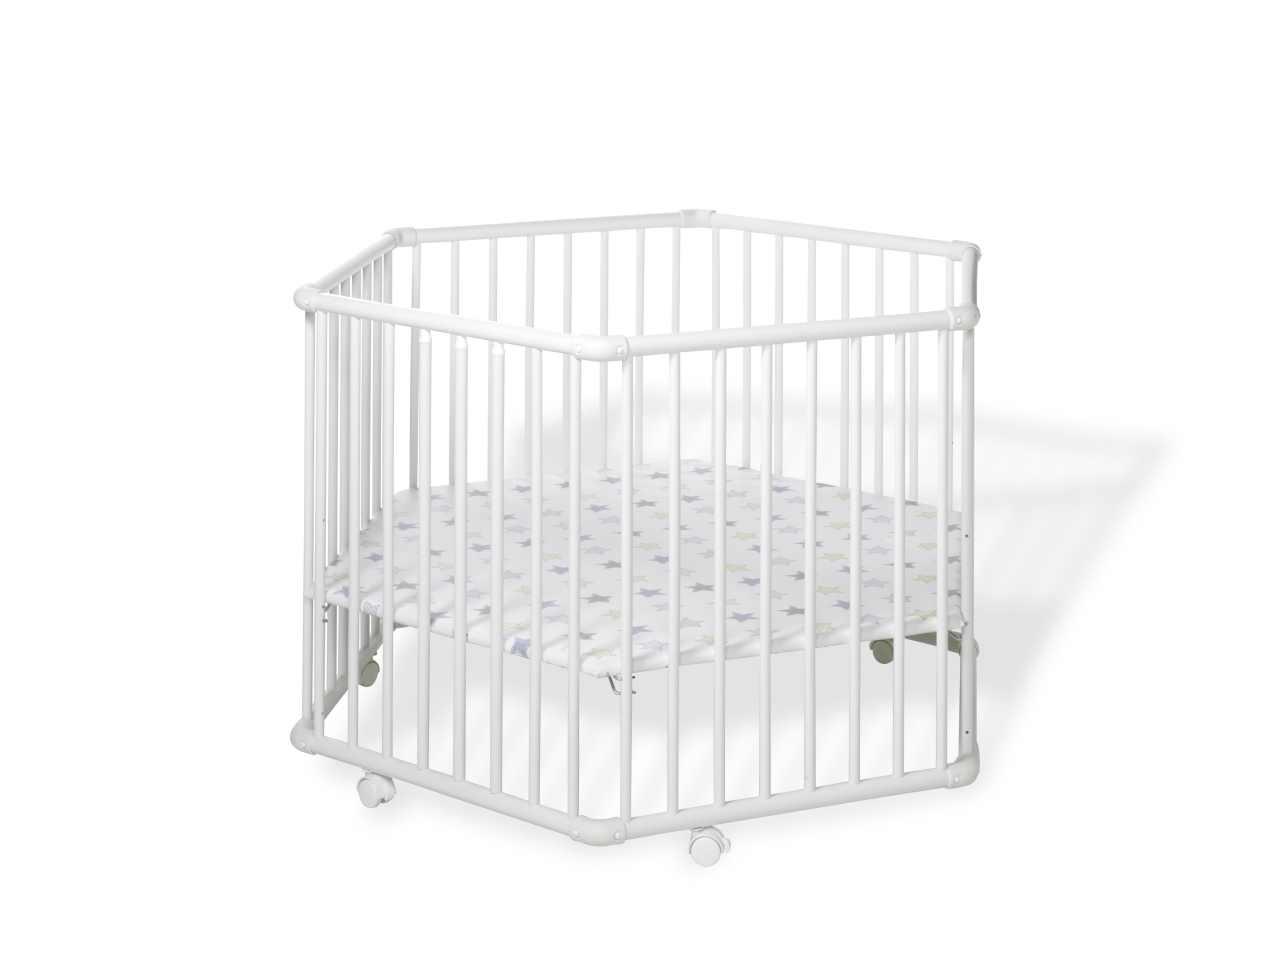 geuther petit lit de parc pour parc 102x102 cm 2234lb. Black Bedroom Furniture Sets. Home Design Ideas